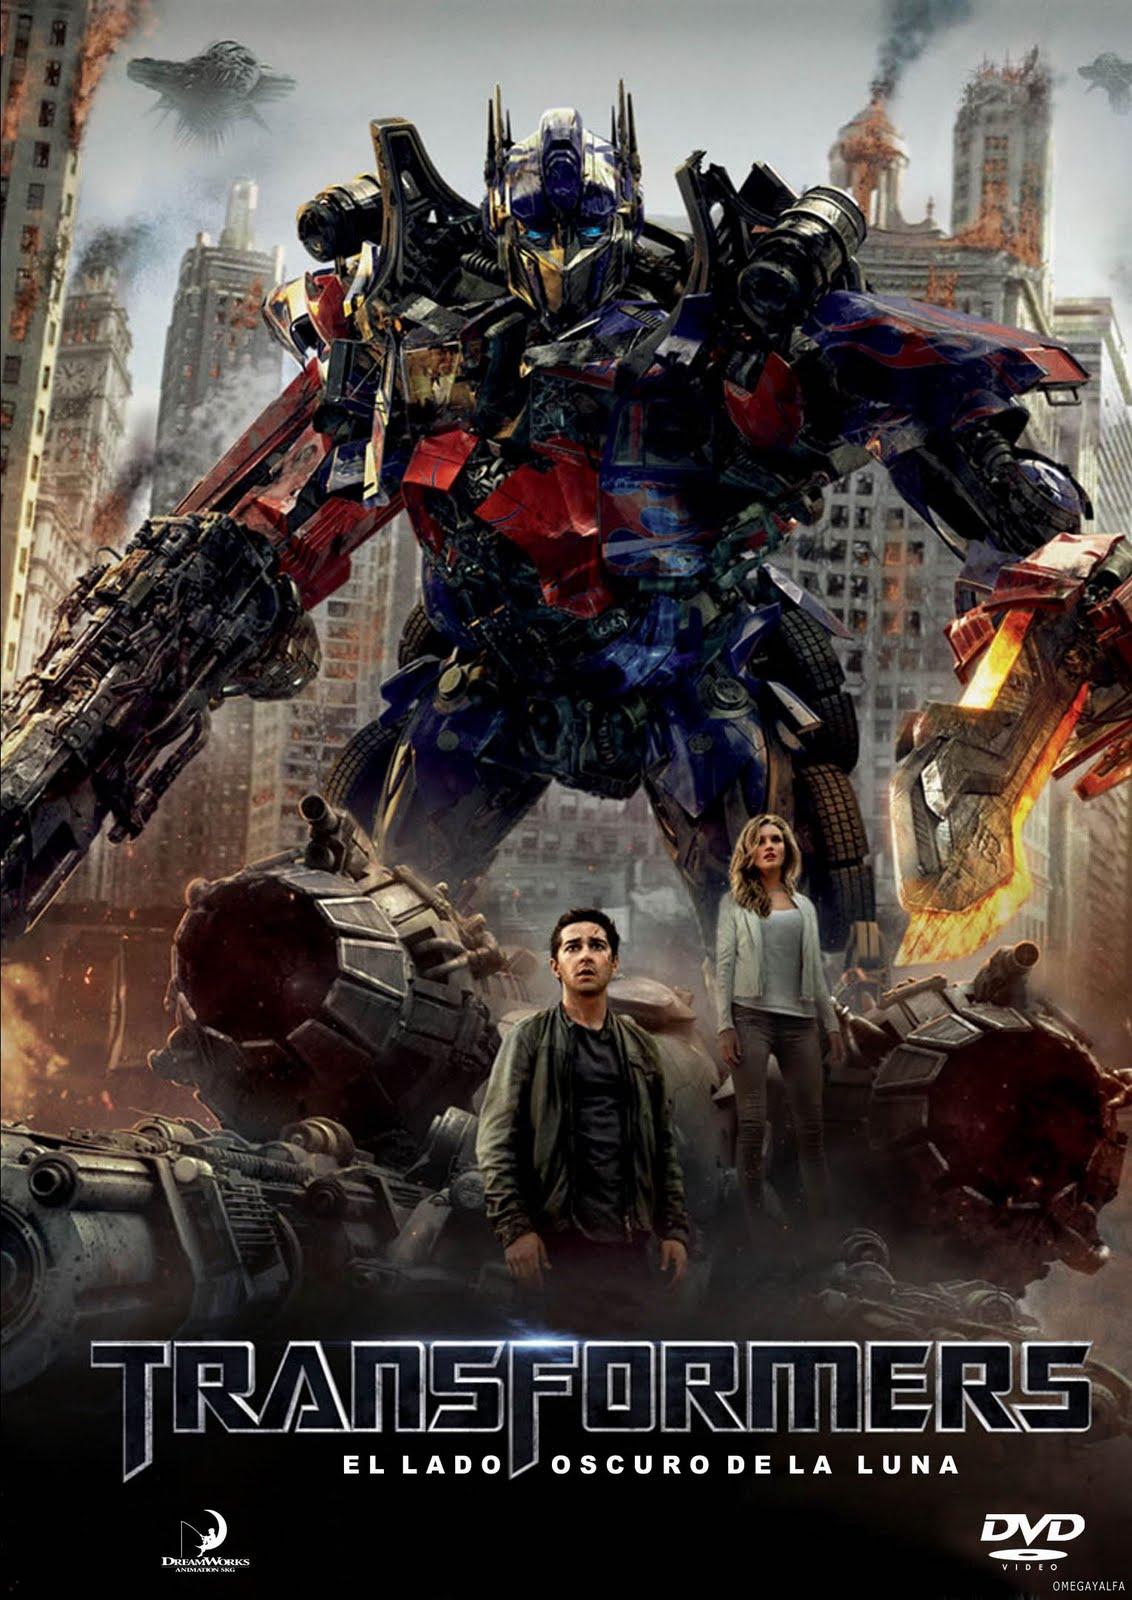 Ver Transformers: El lado oscuro de la luna (Transformers 3) (2011) Online